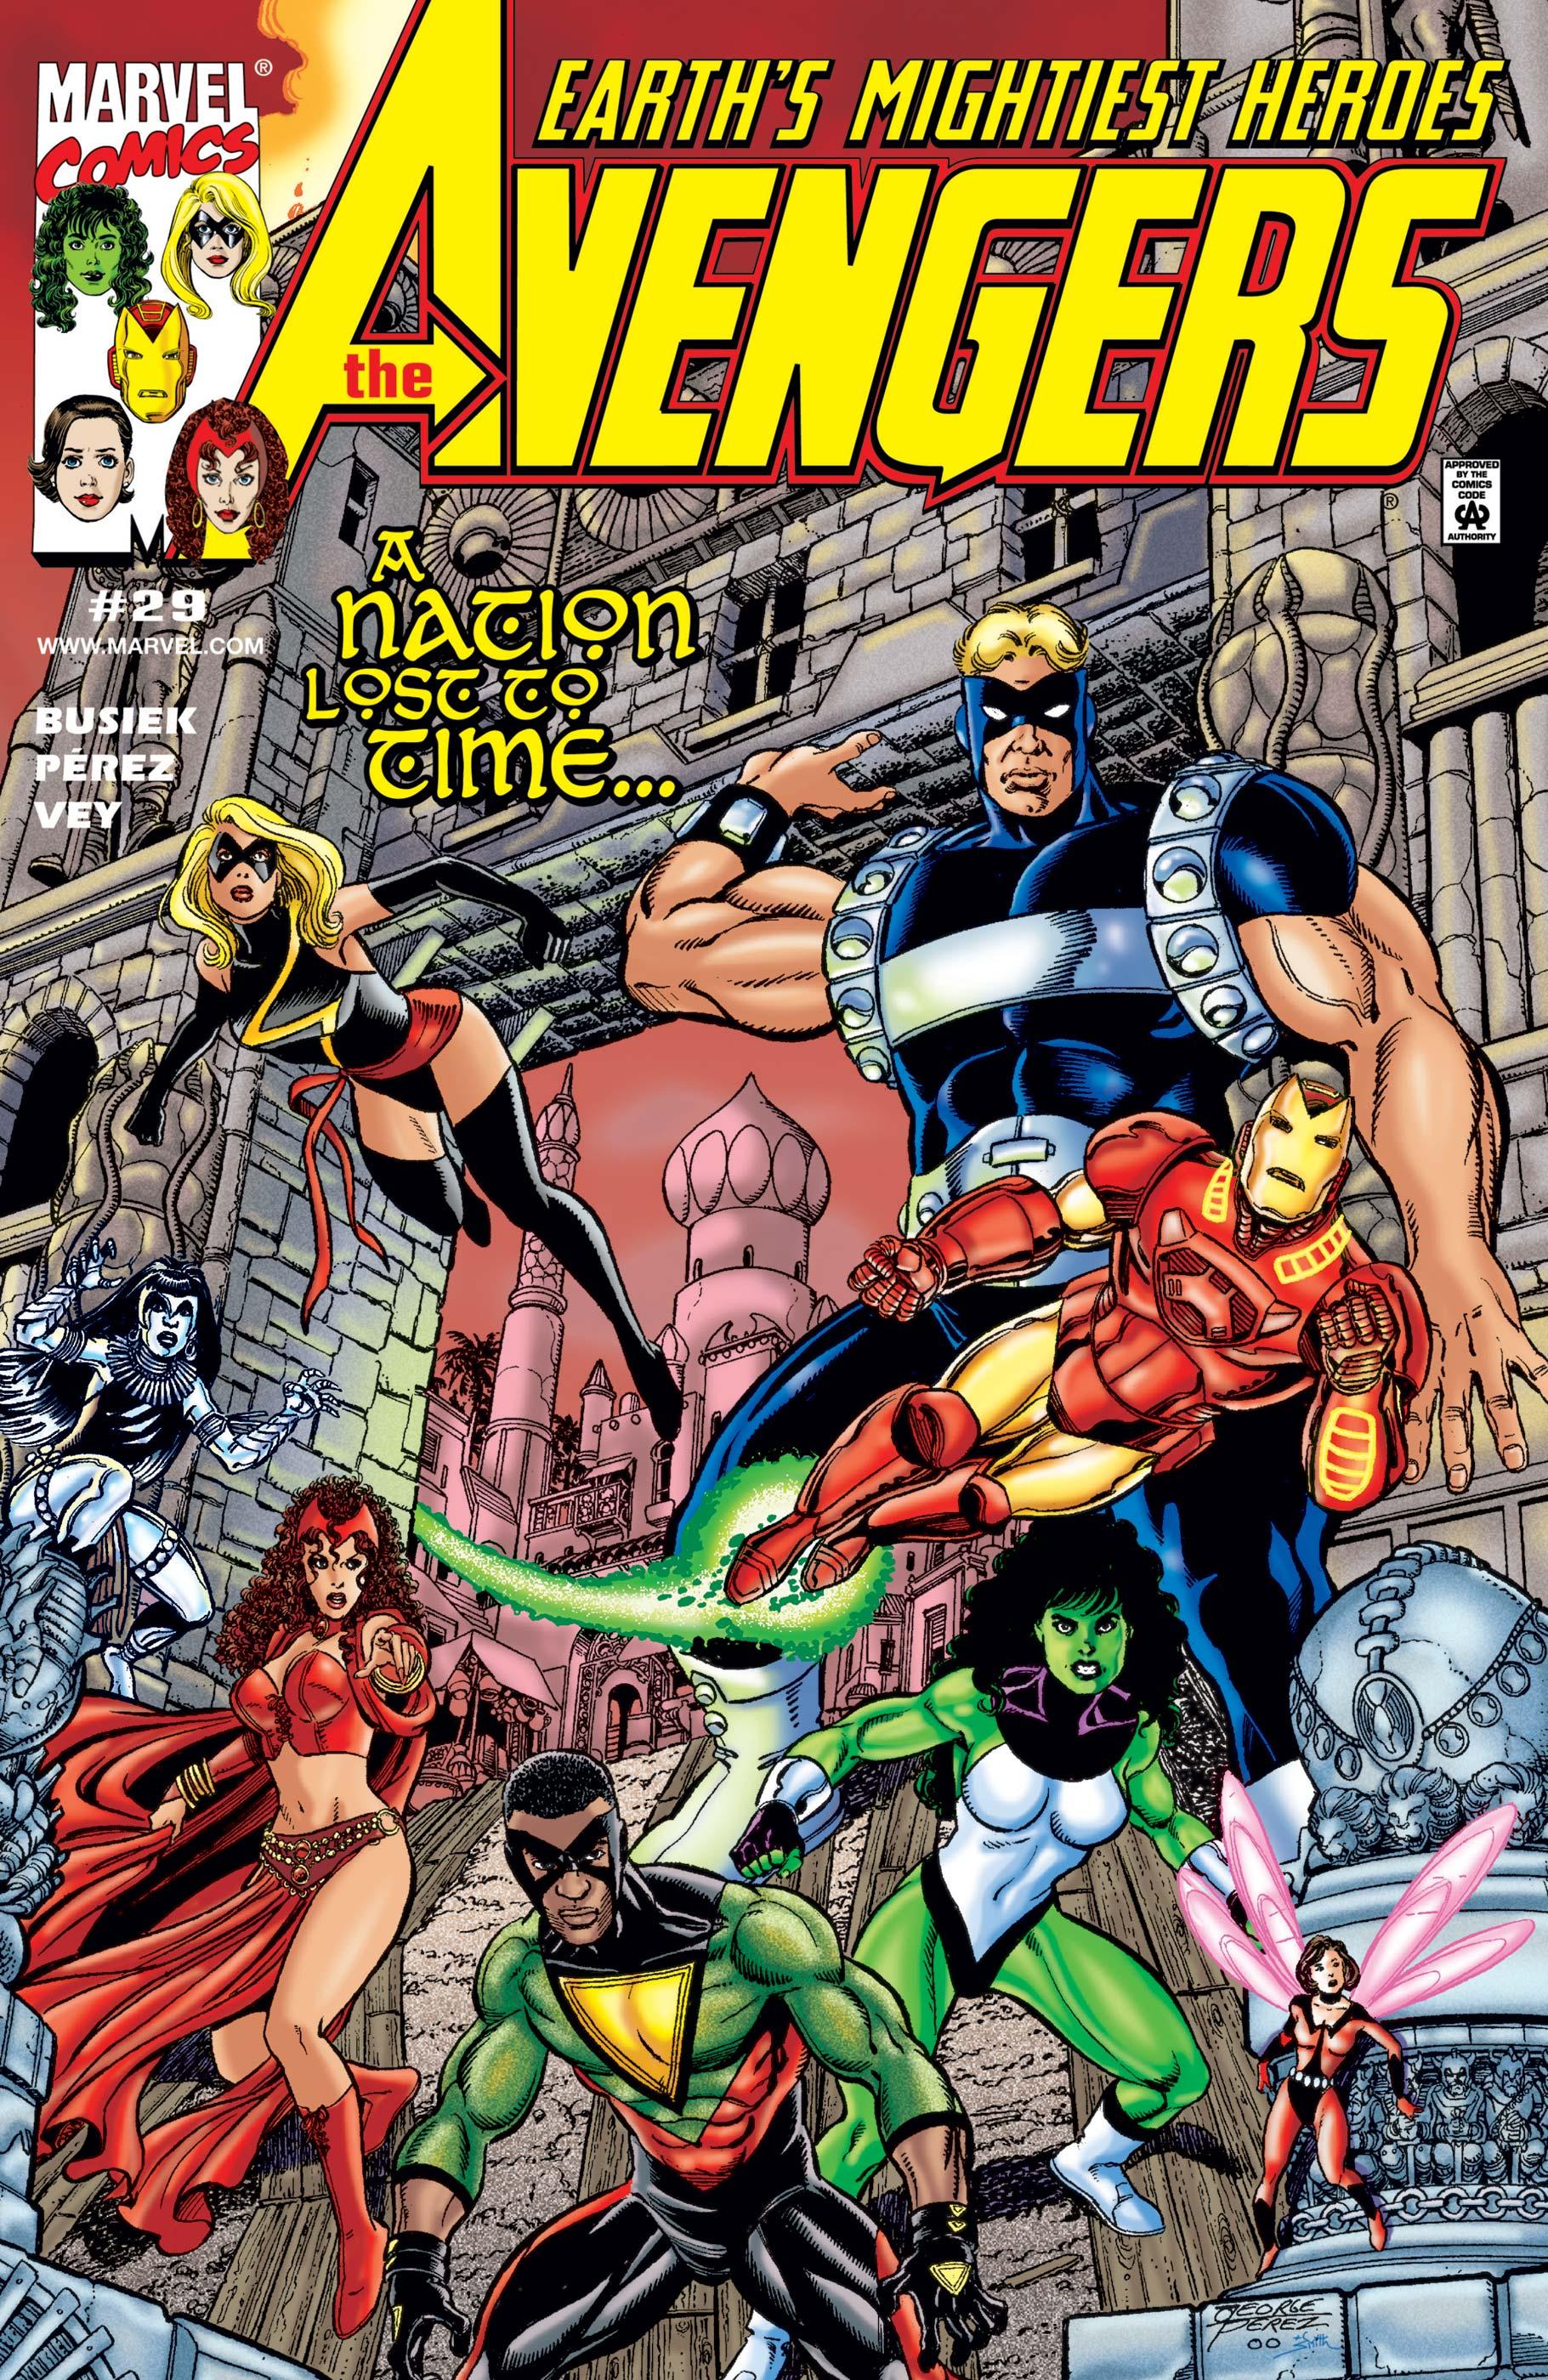 Avengers (1998) #29